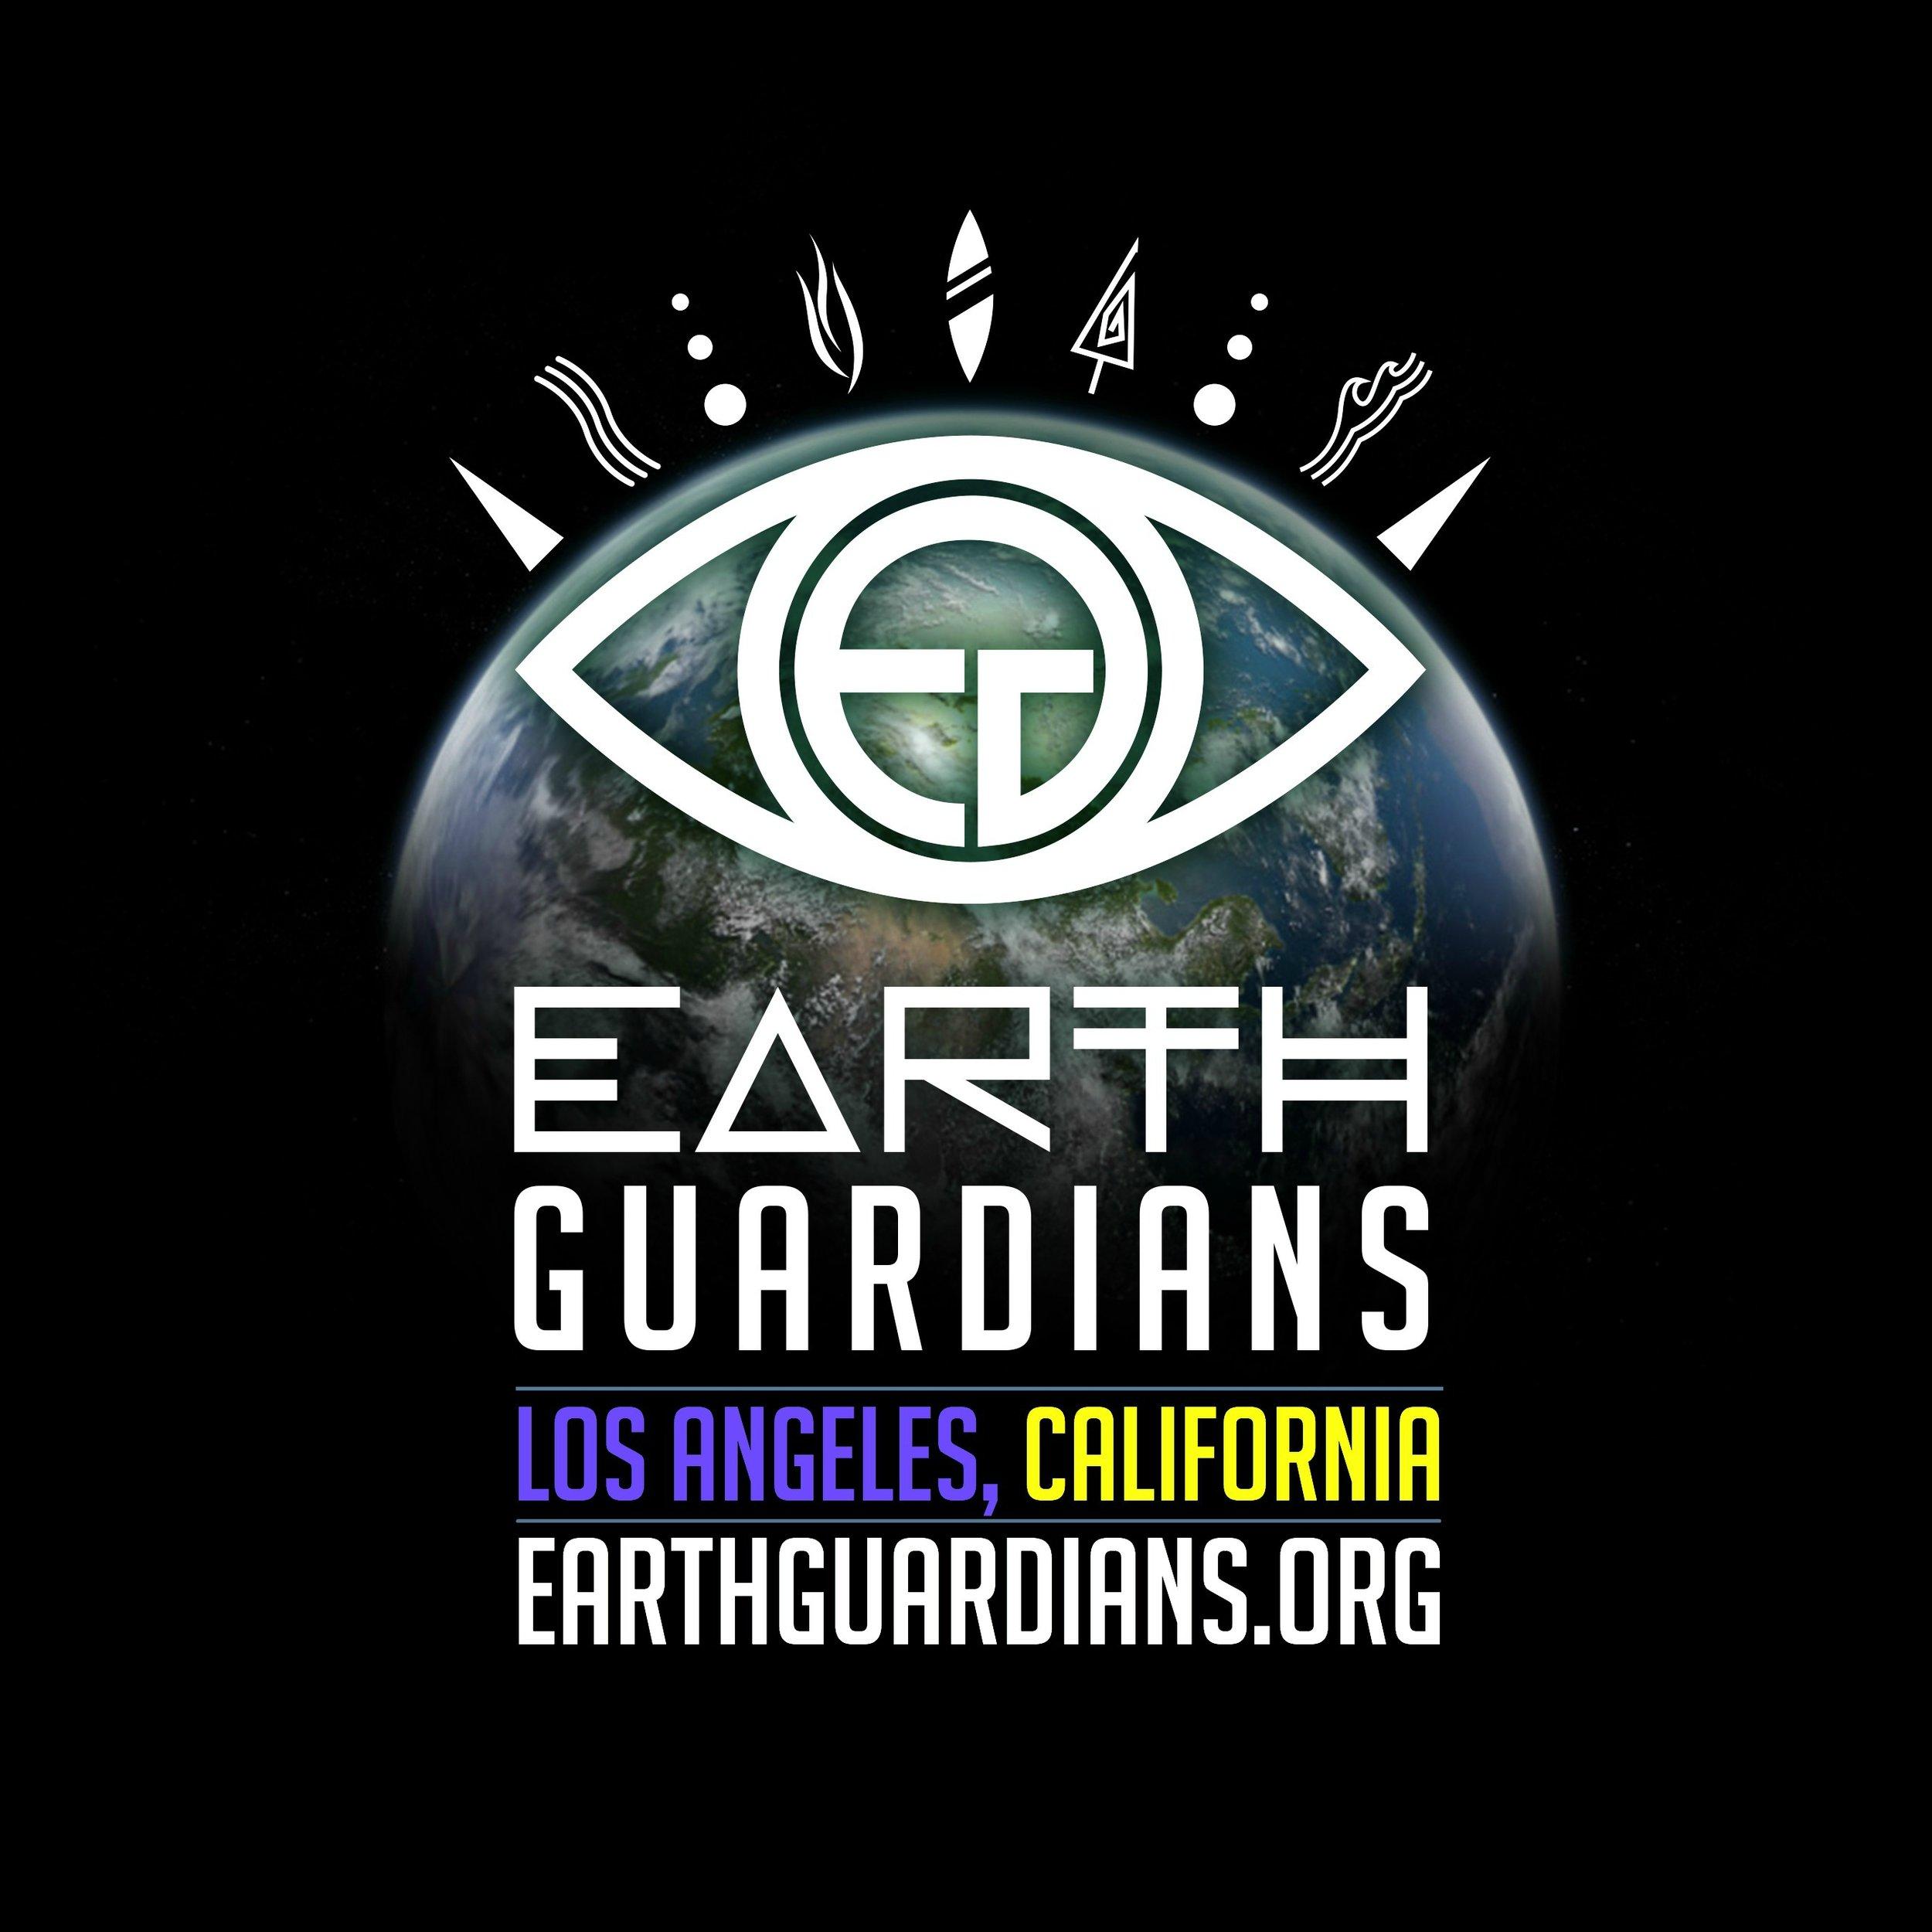 EG_crew logo LA NEW.jpg